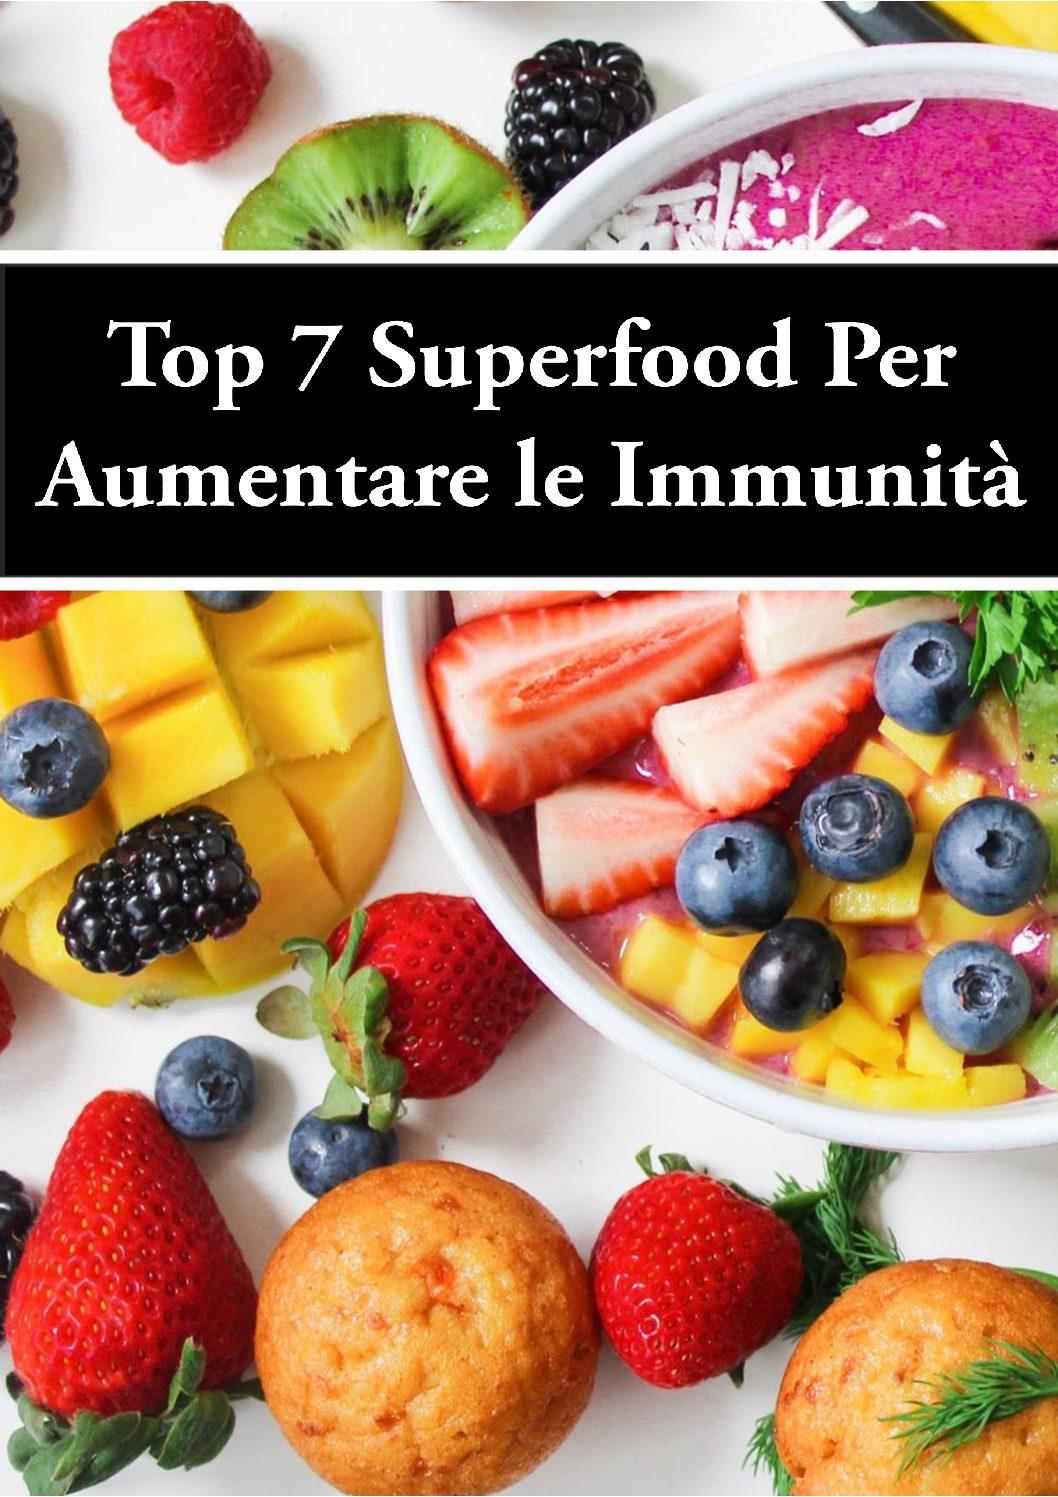 Potenziare il Sistema Immunitario